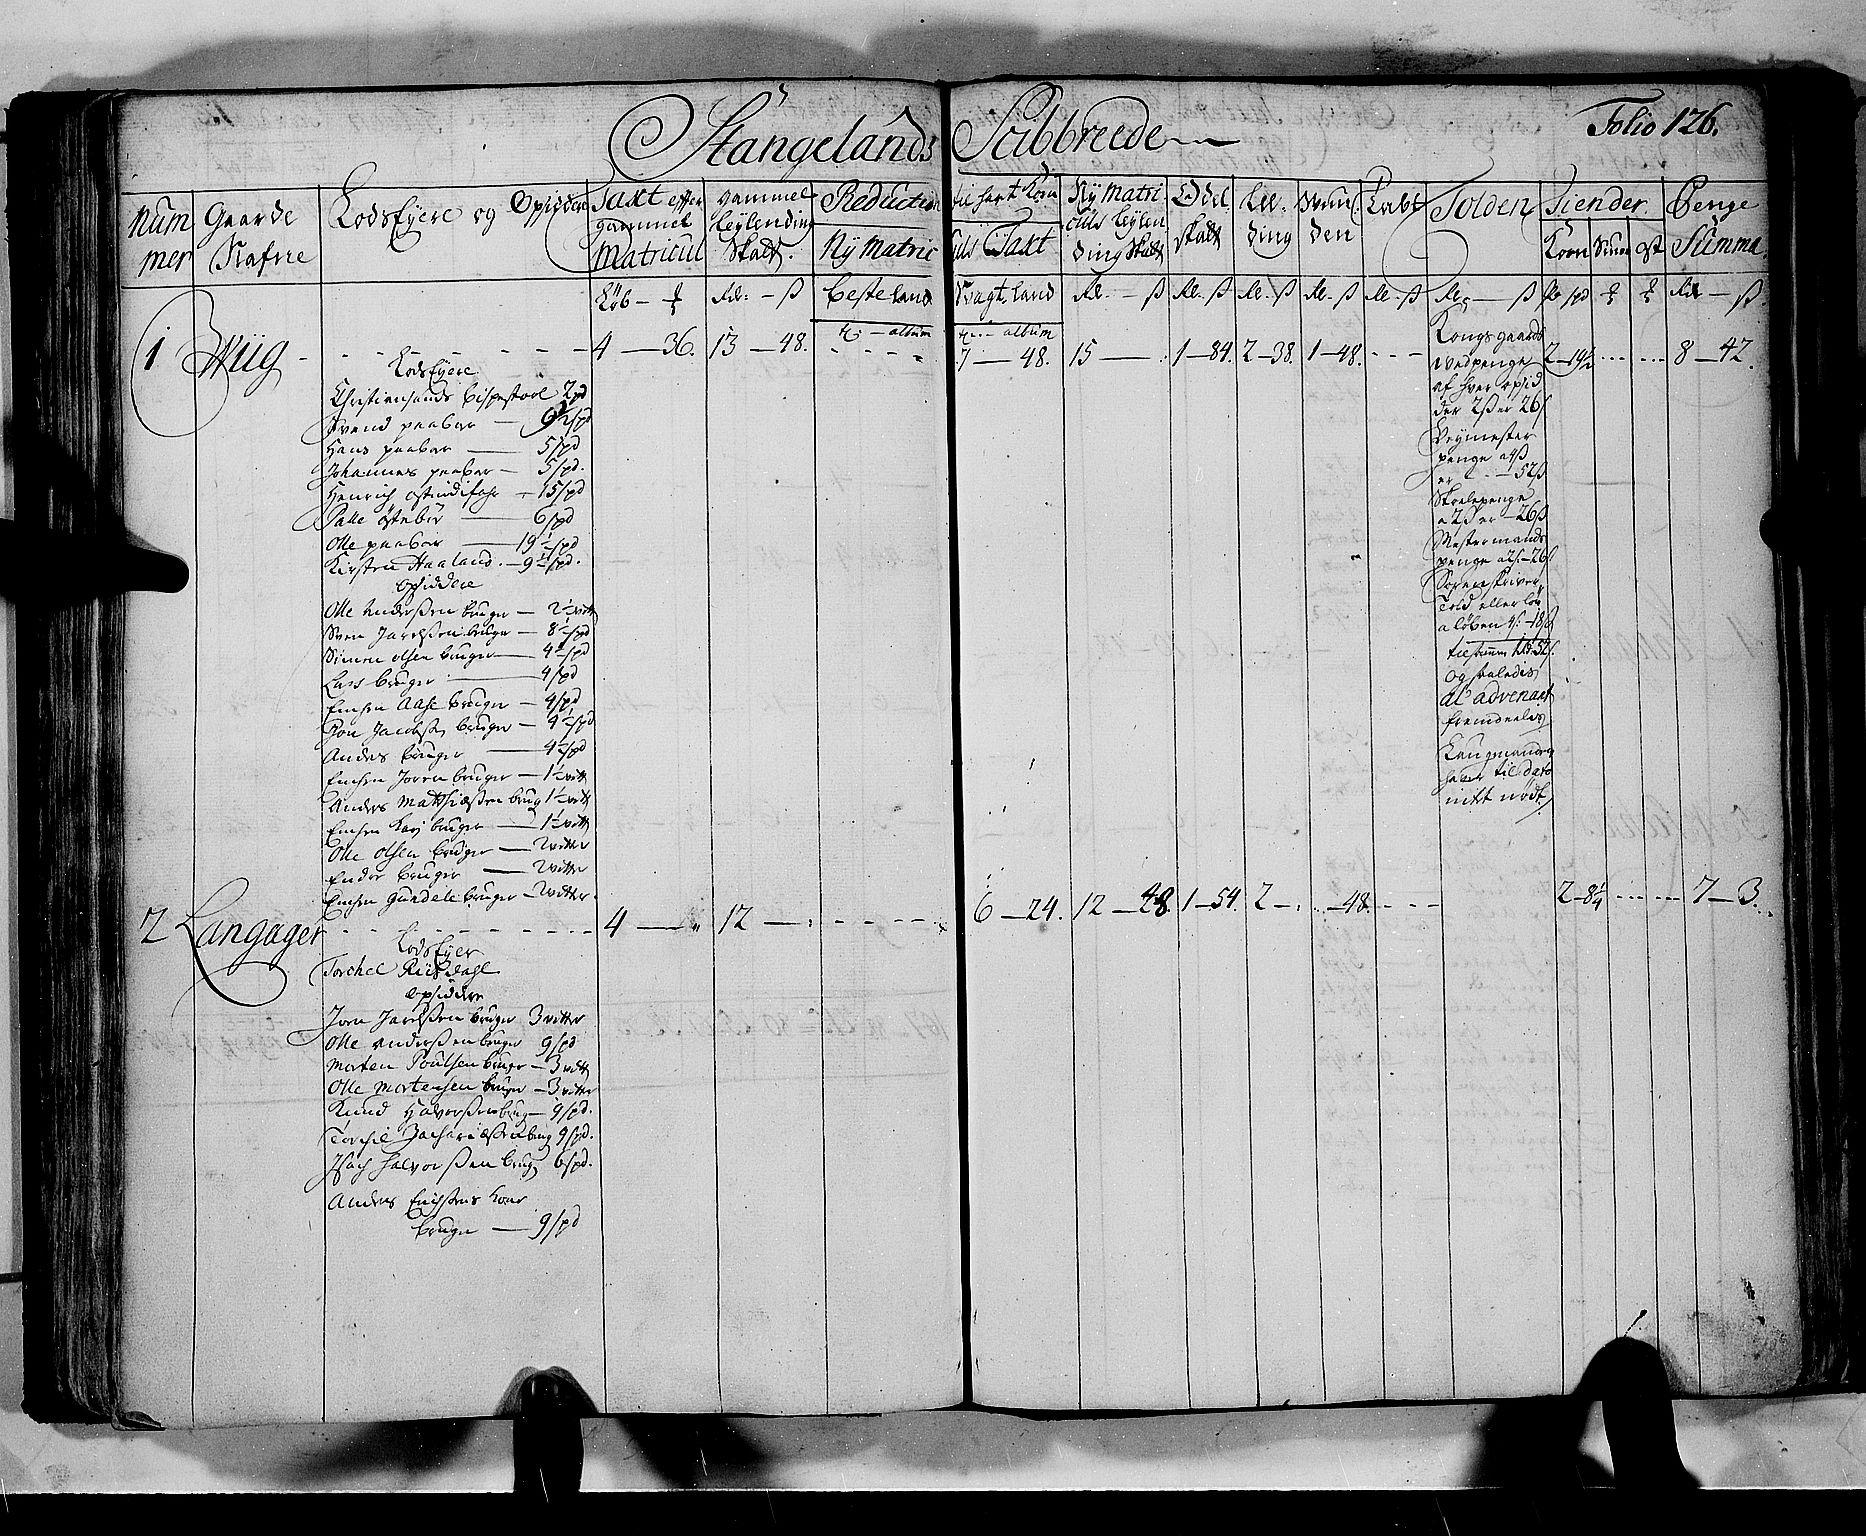 RA, Rentekammeret inntil 1814, Realistisk ordnet avdeling, N/Nb/Nbf/L0133b: Ryfylke matrikkelprotokoll, 1723, s. 125b-126a